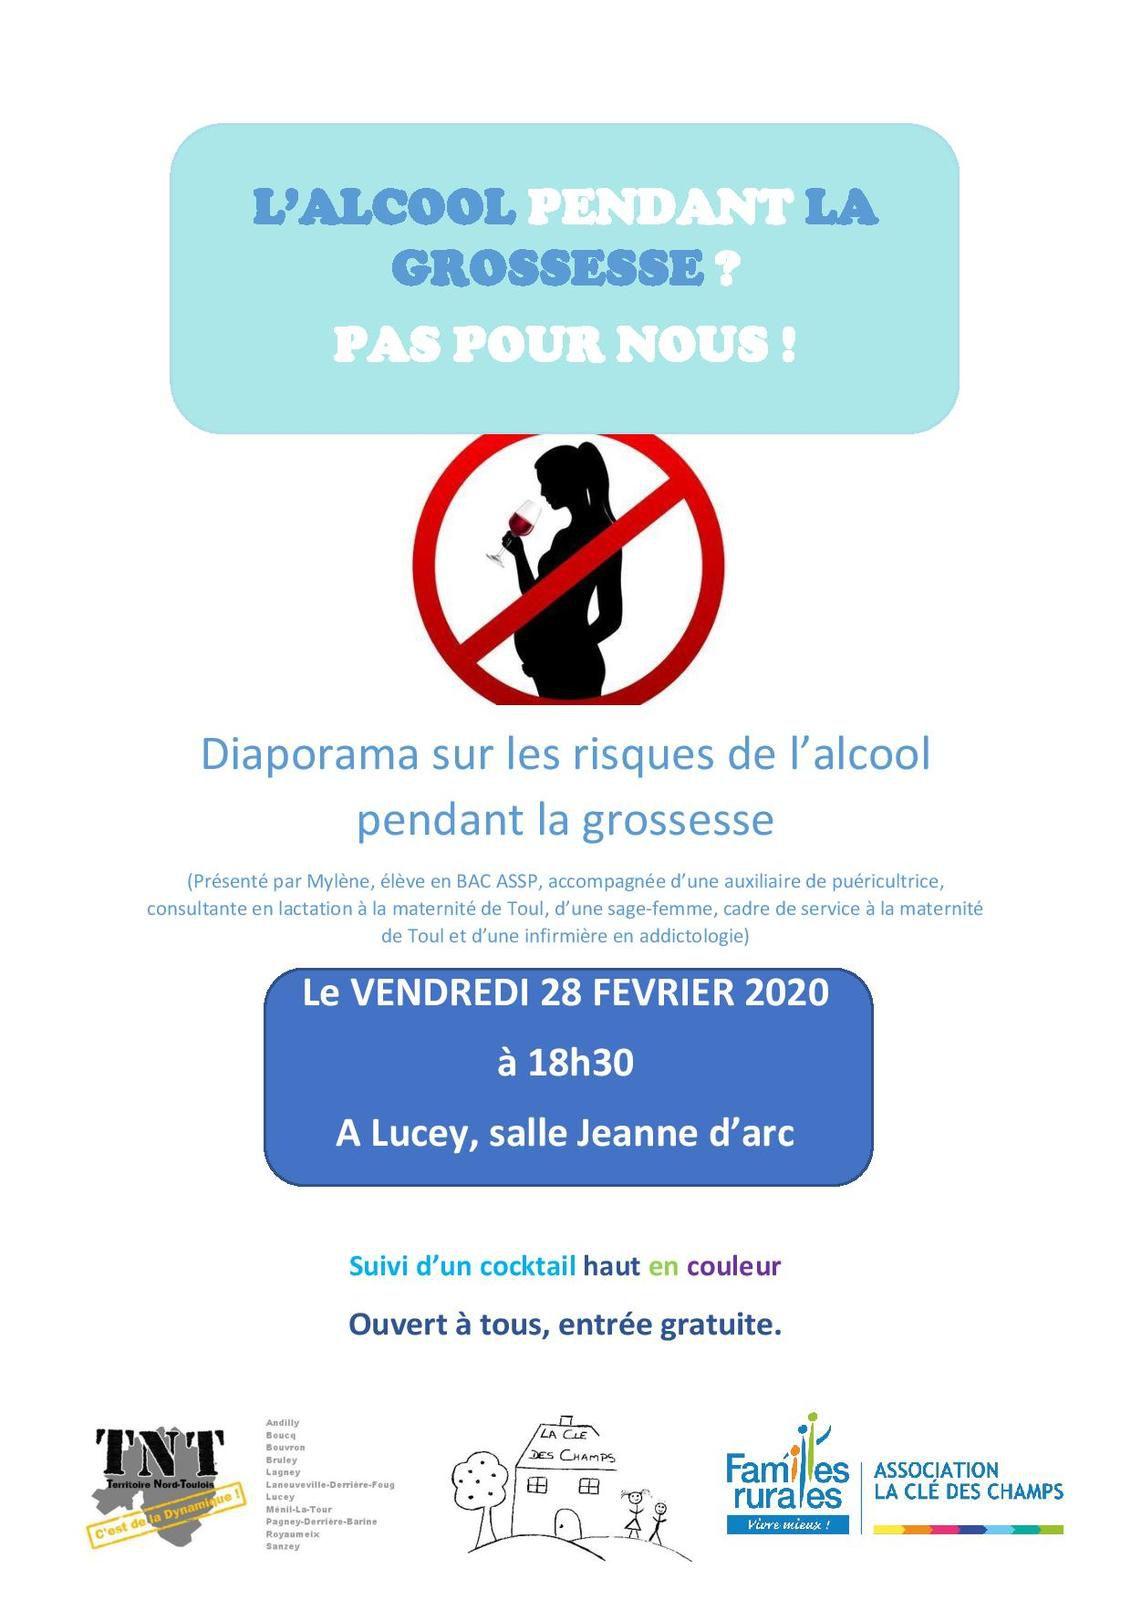 L'alcool et la grossesse.. (échanges, diaporama, cocktails...) - Vendredi 28 février 2020 à Lucey